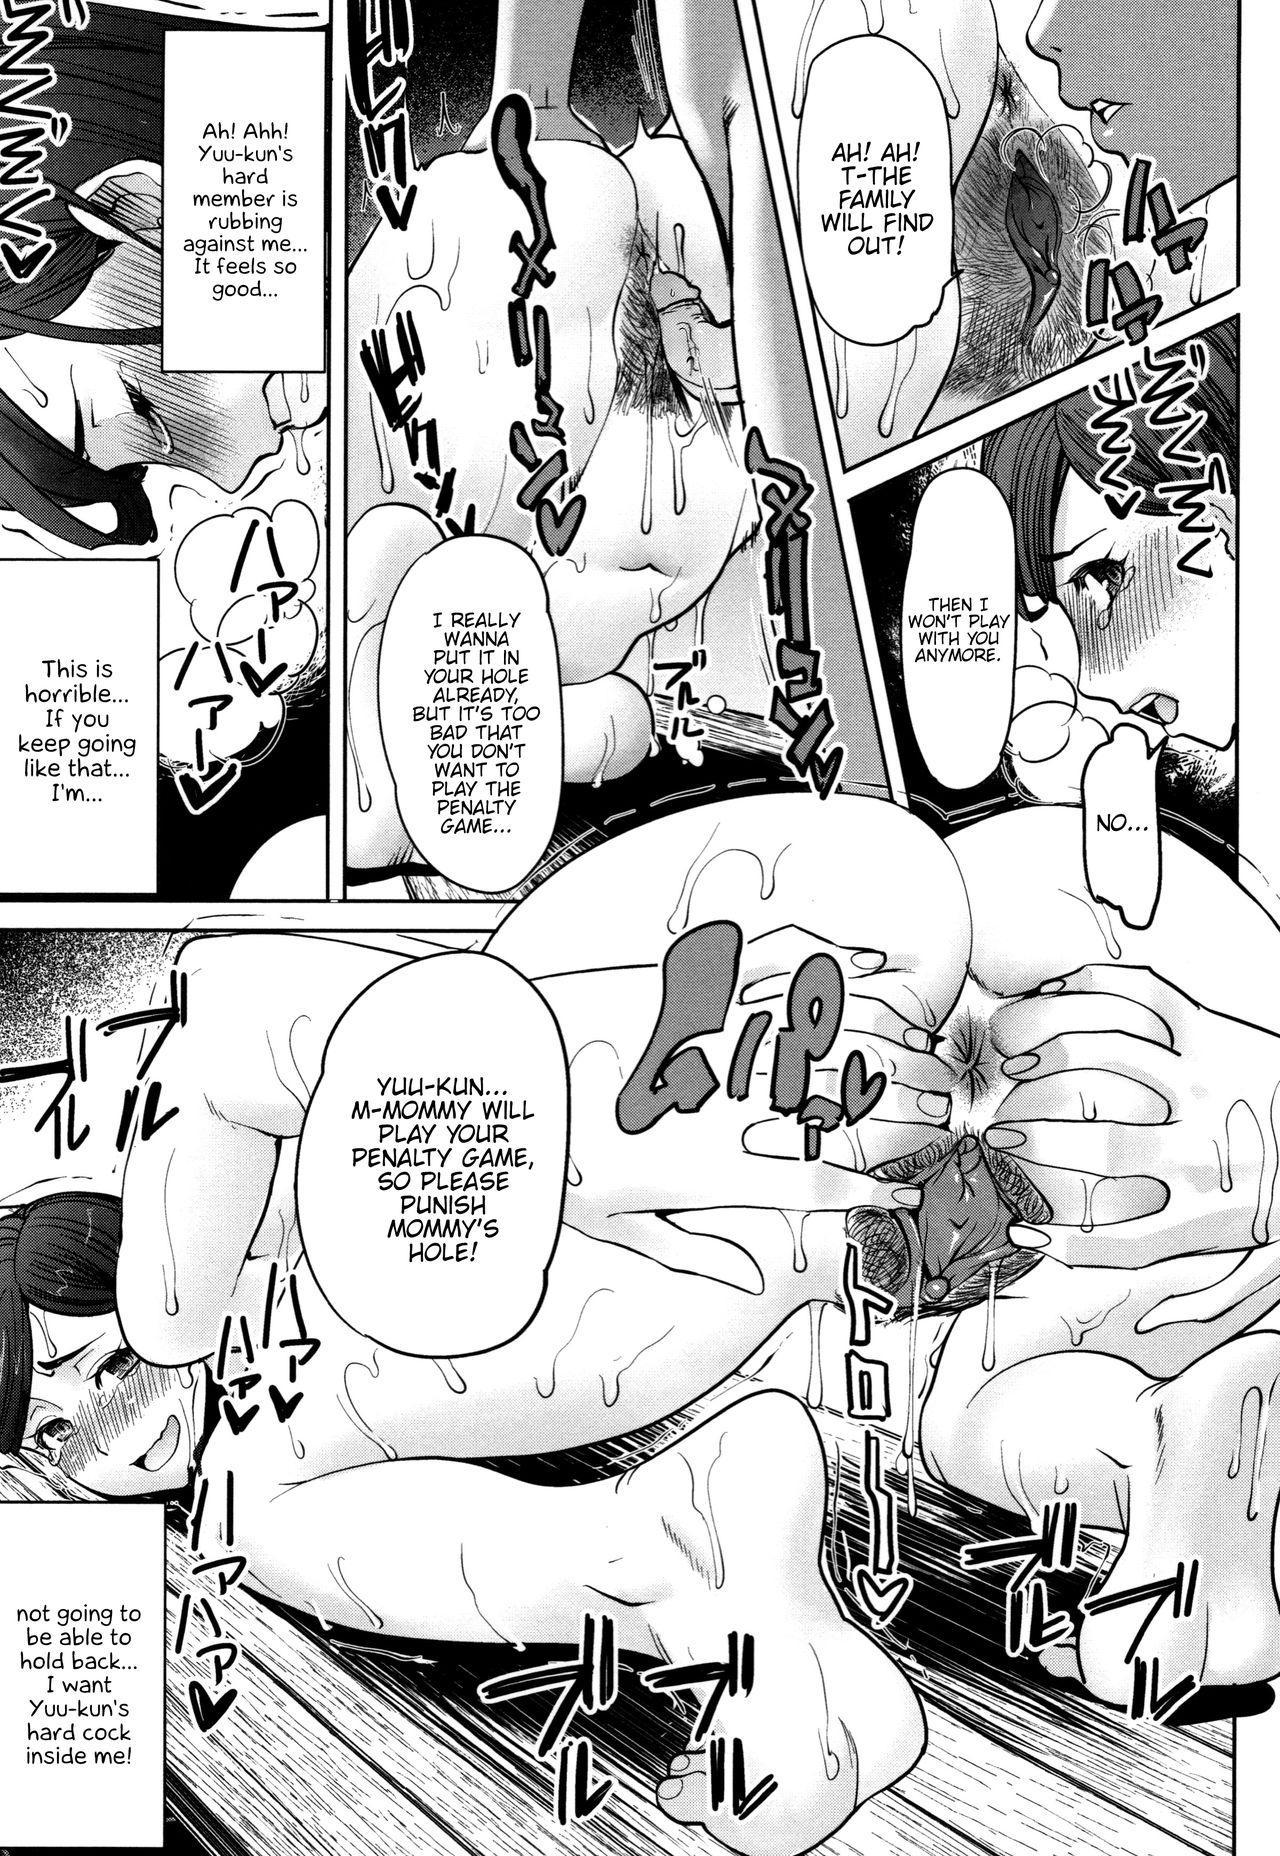 Unsweet - Asahina Ikka Netorareta Haha · Tomoko 64